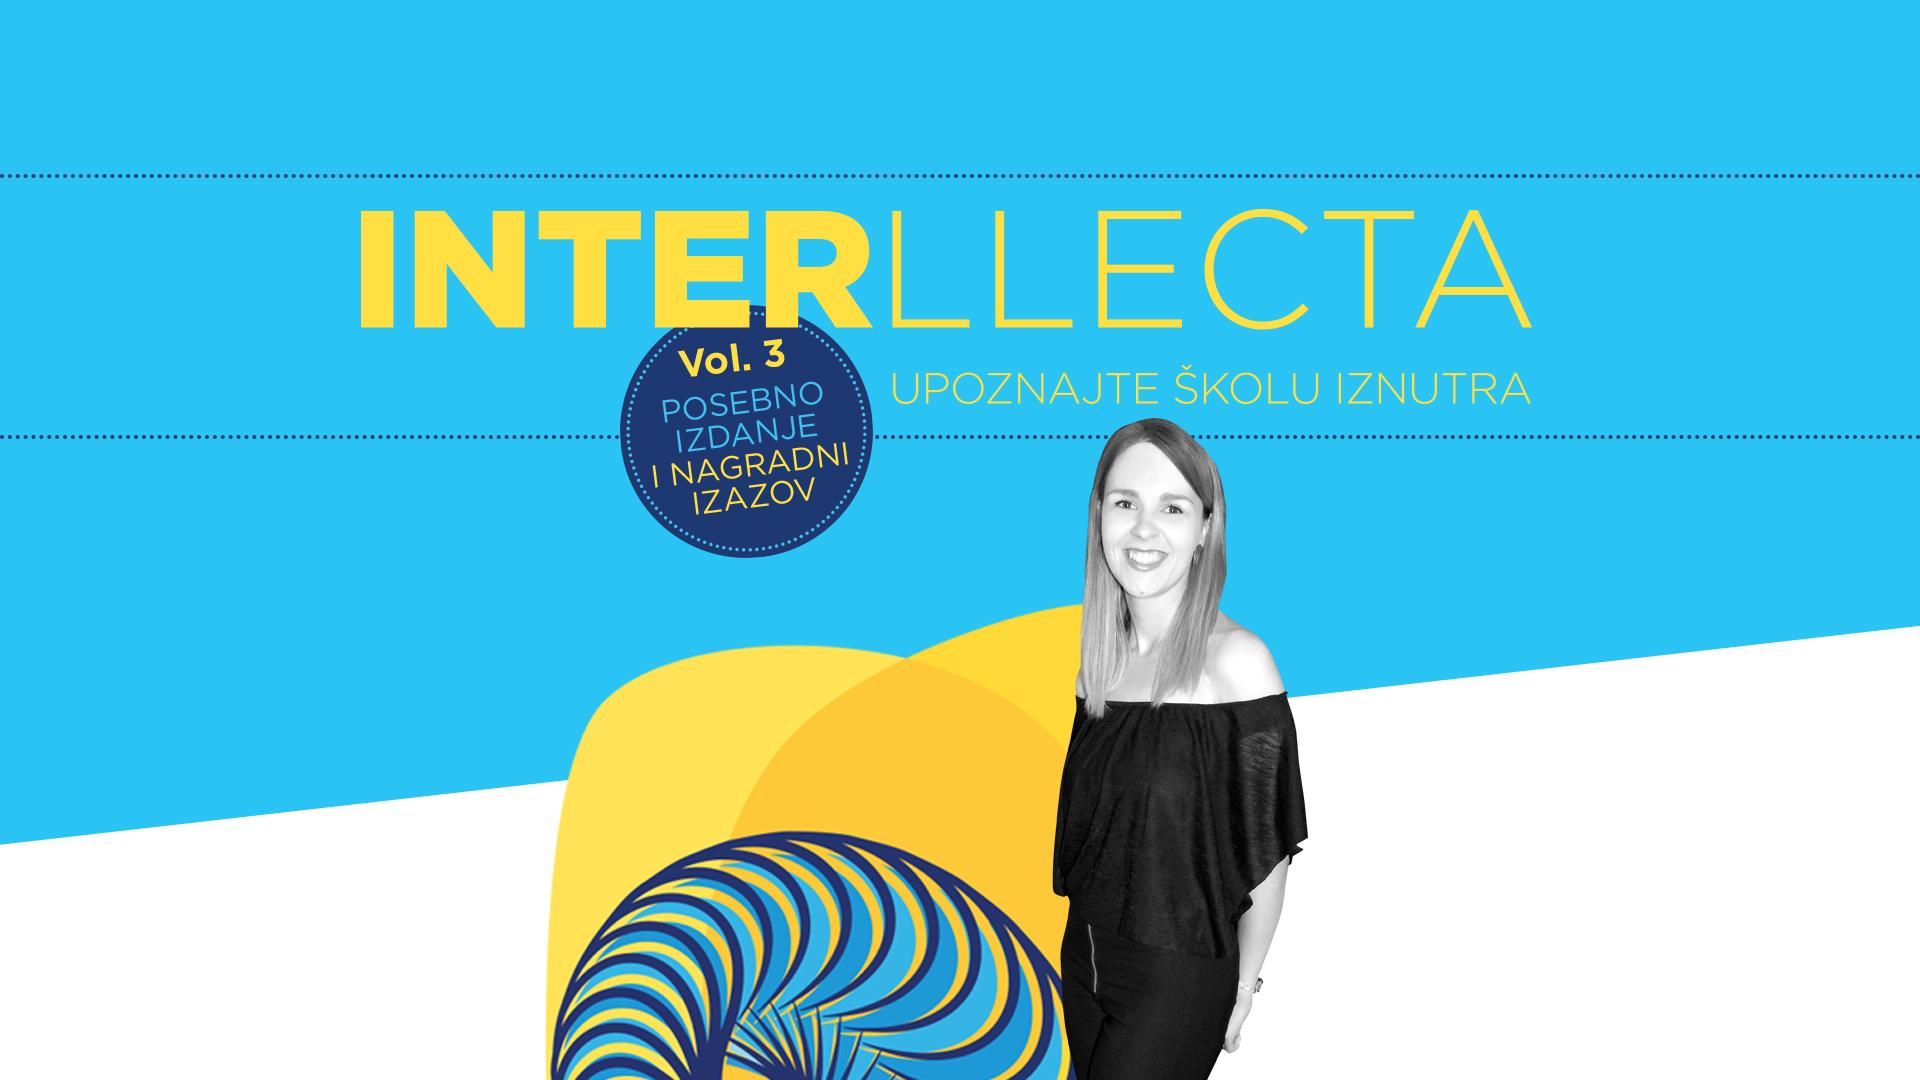 INTERllecta vol.3